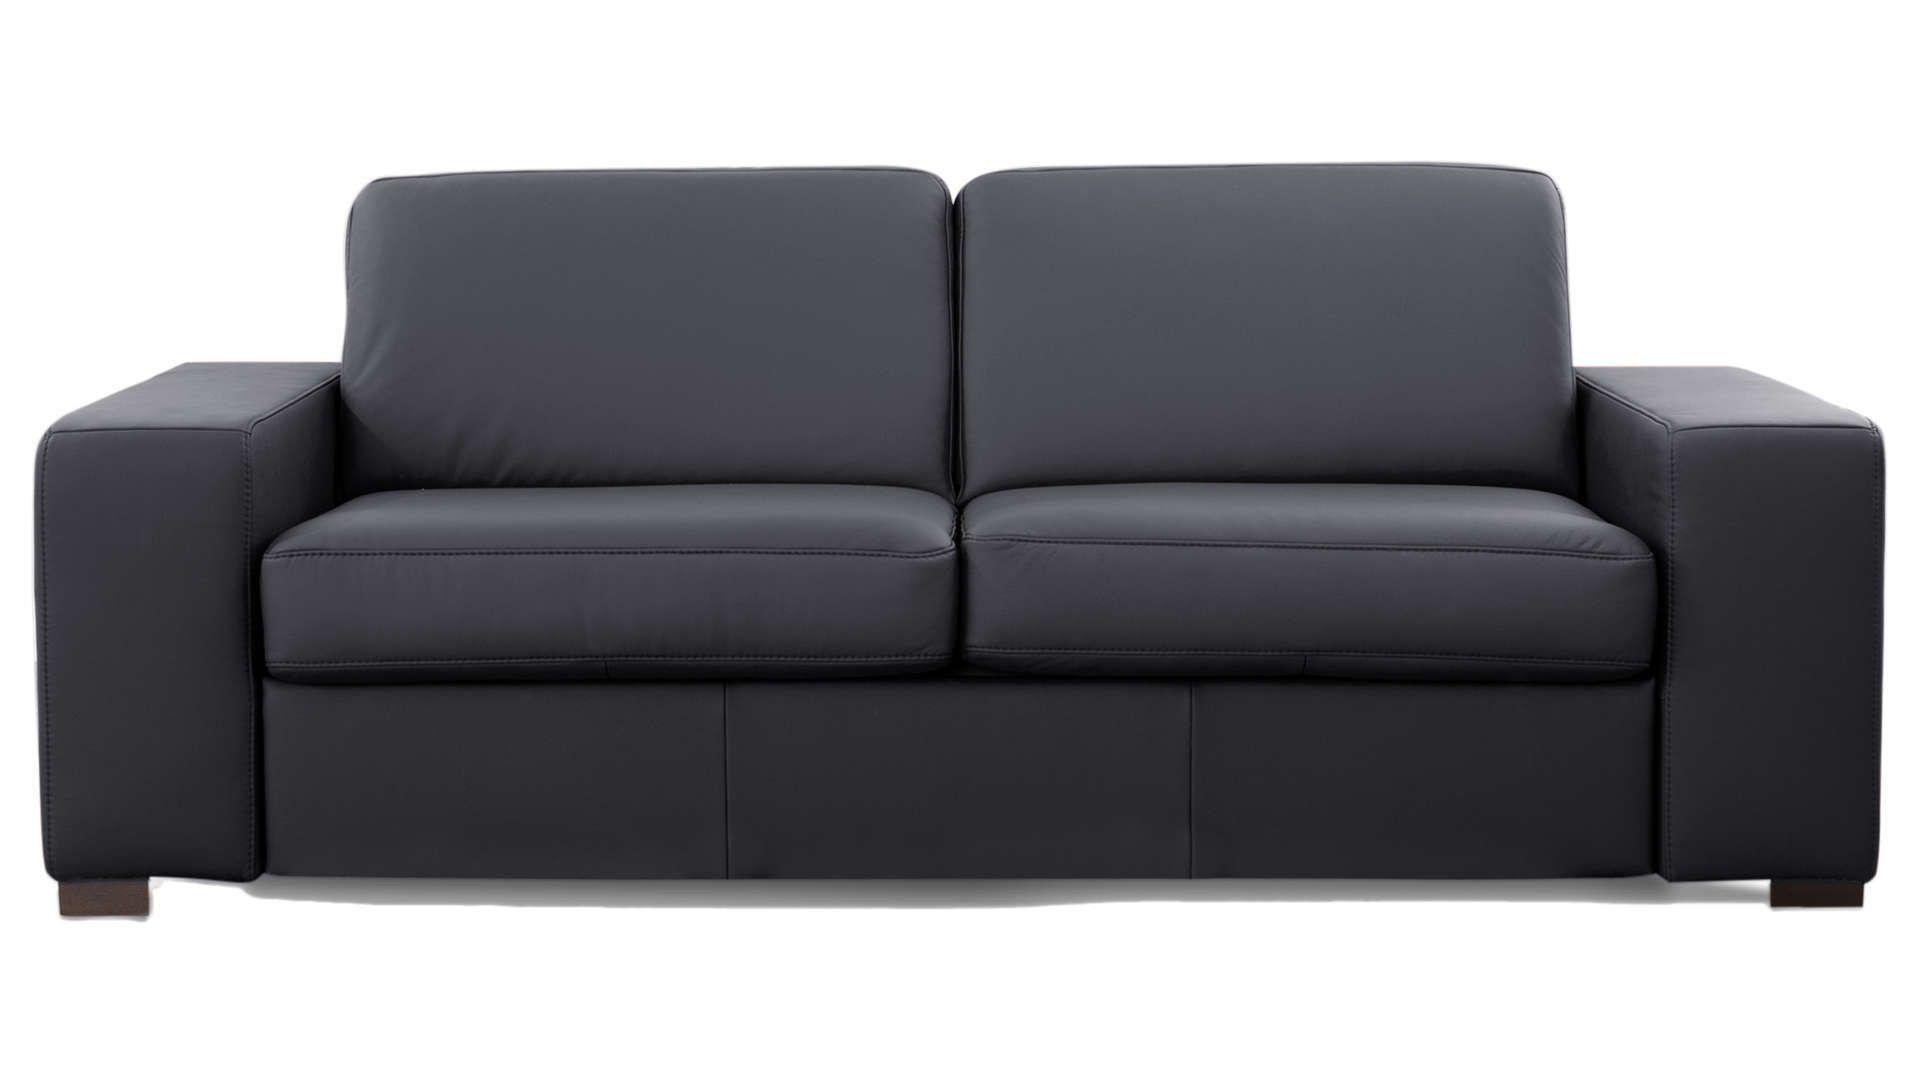 Canapé Droit Convertible 3 Places En Cuir Comfort Bultex ... à Canapé Divalit Bultex